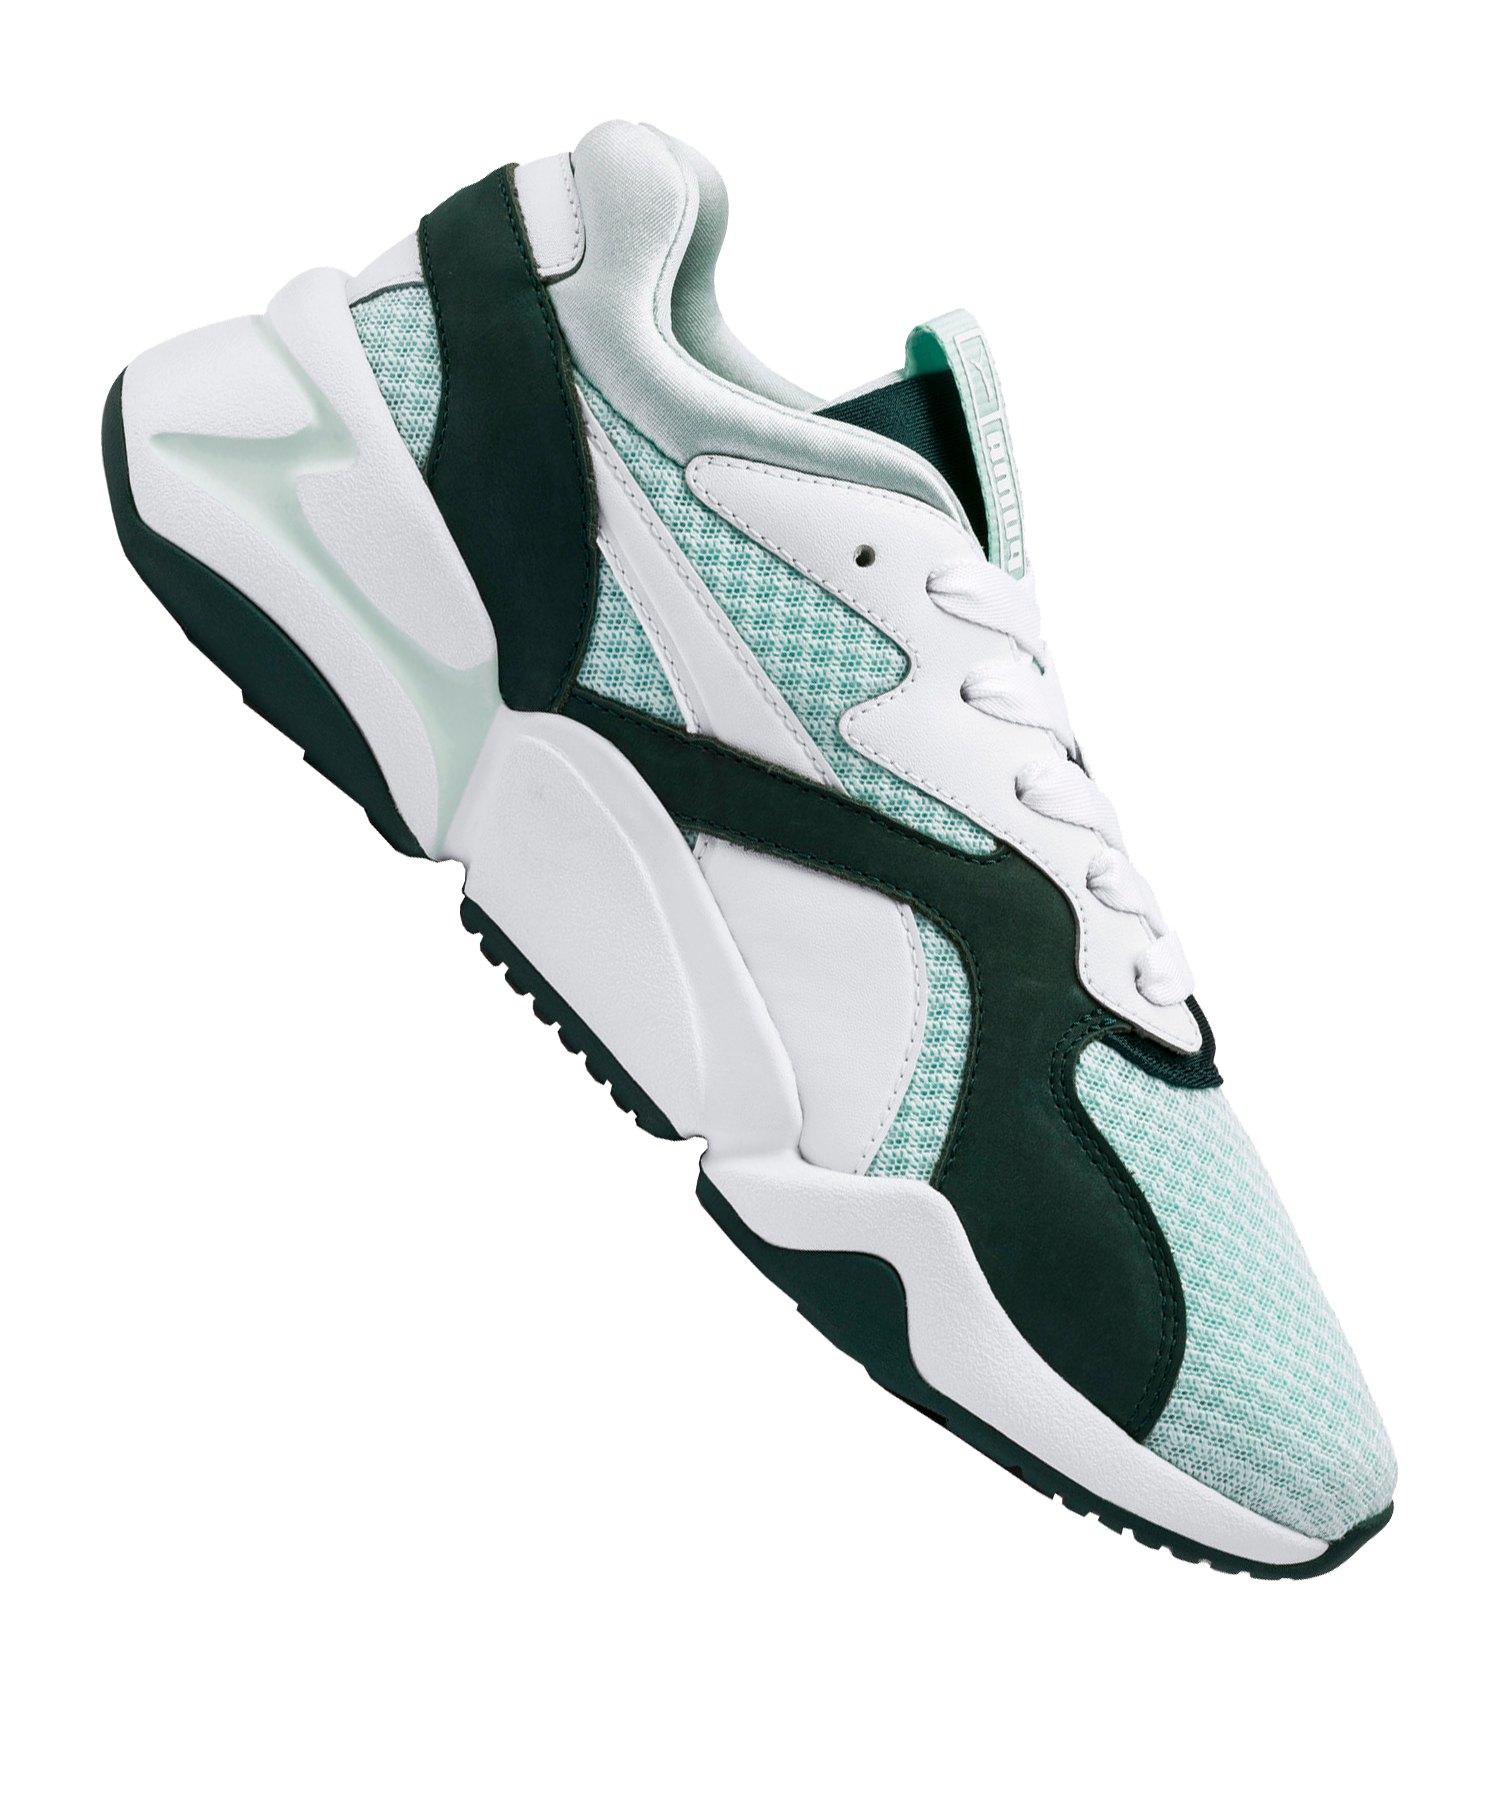 PUMA Nova 90s Sneaker Damen Weiss Grün F02 - weiss